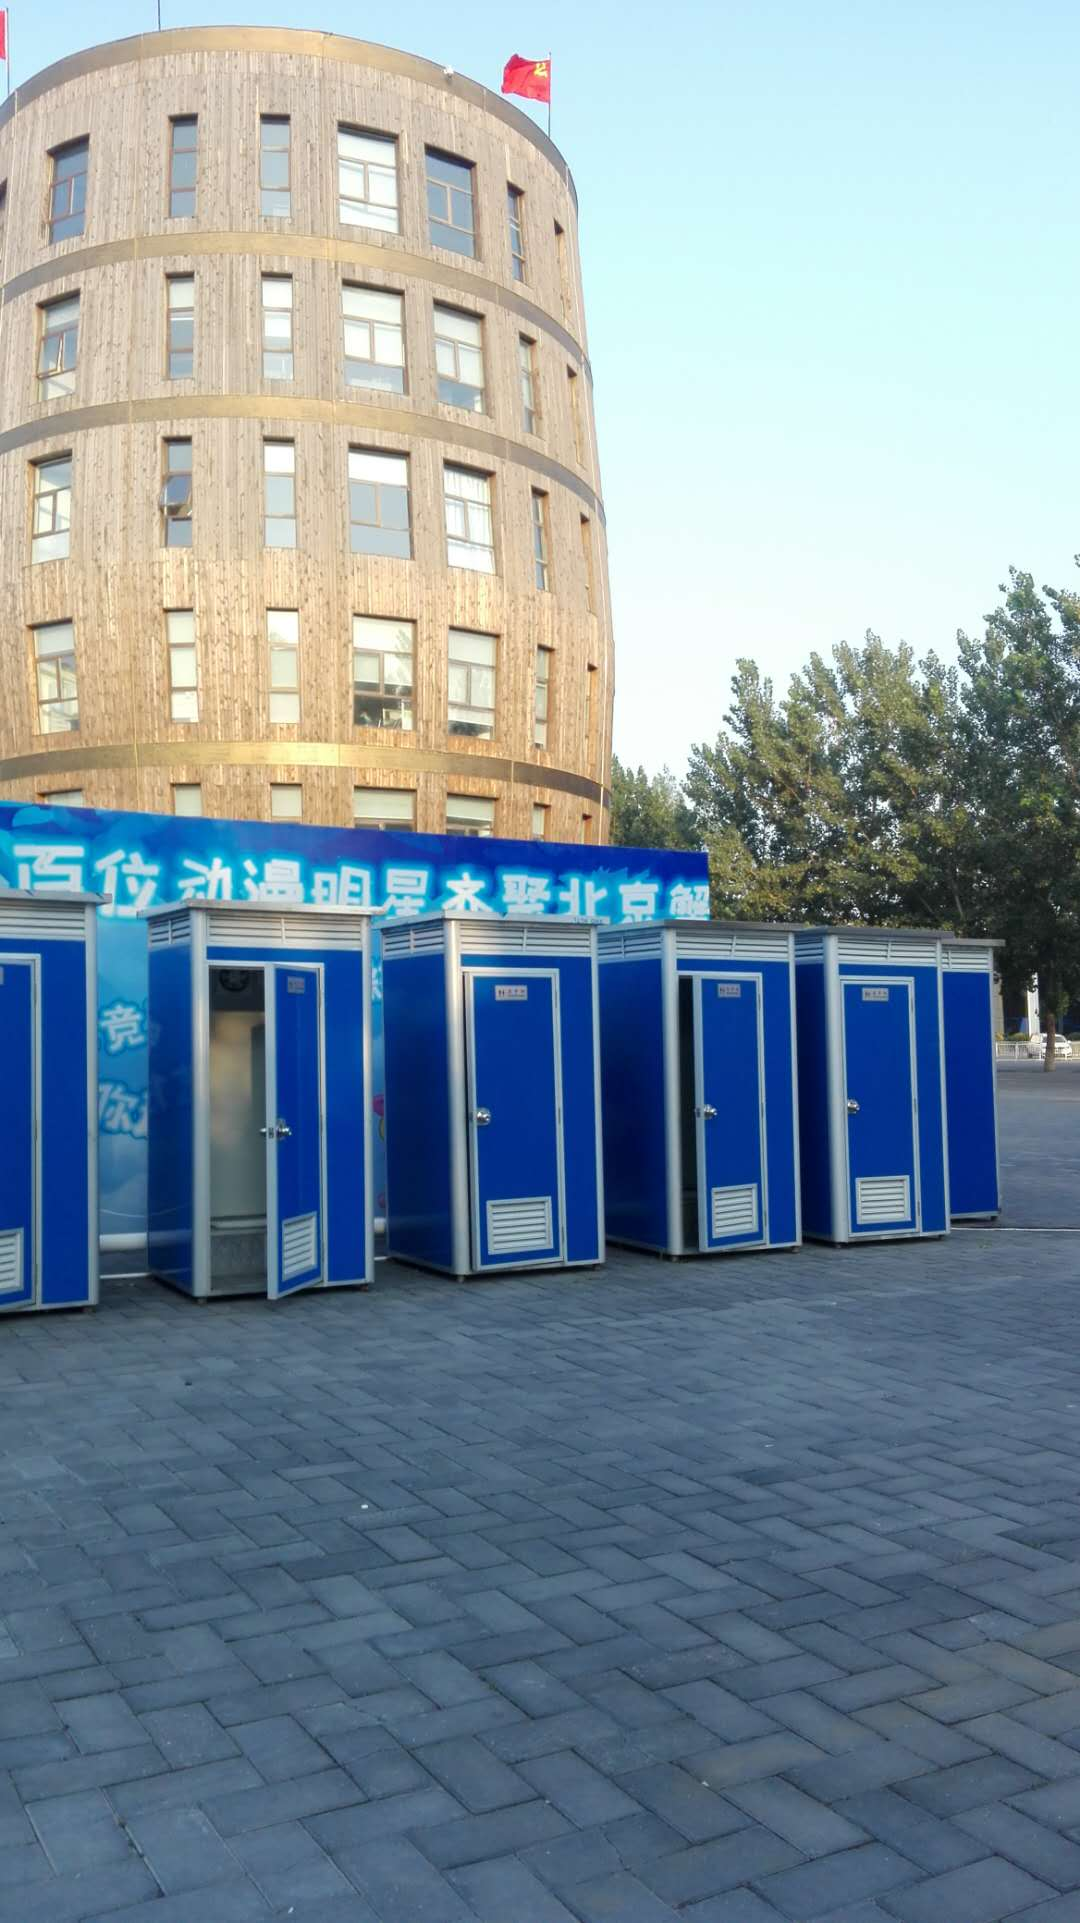 必威中文网销售活动房的厂家